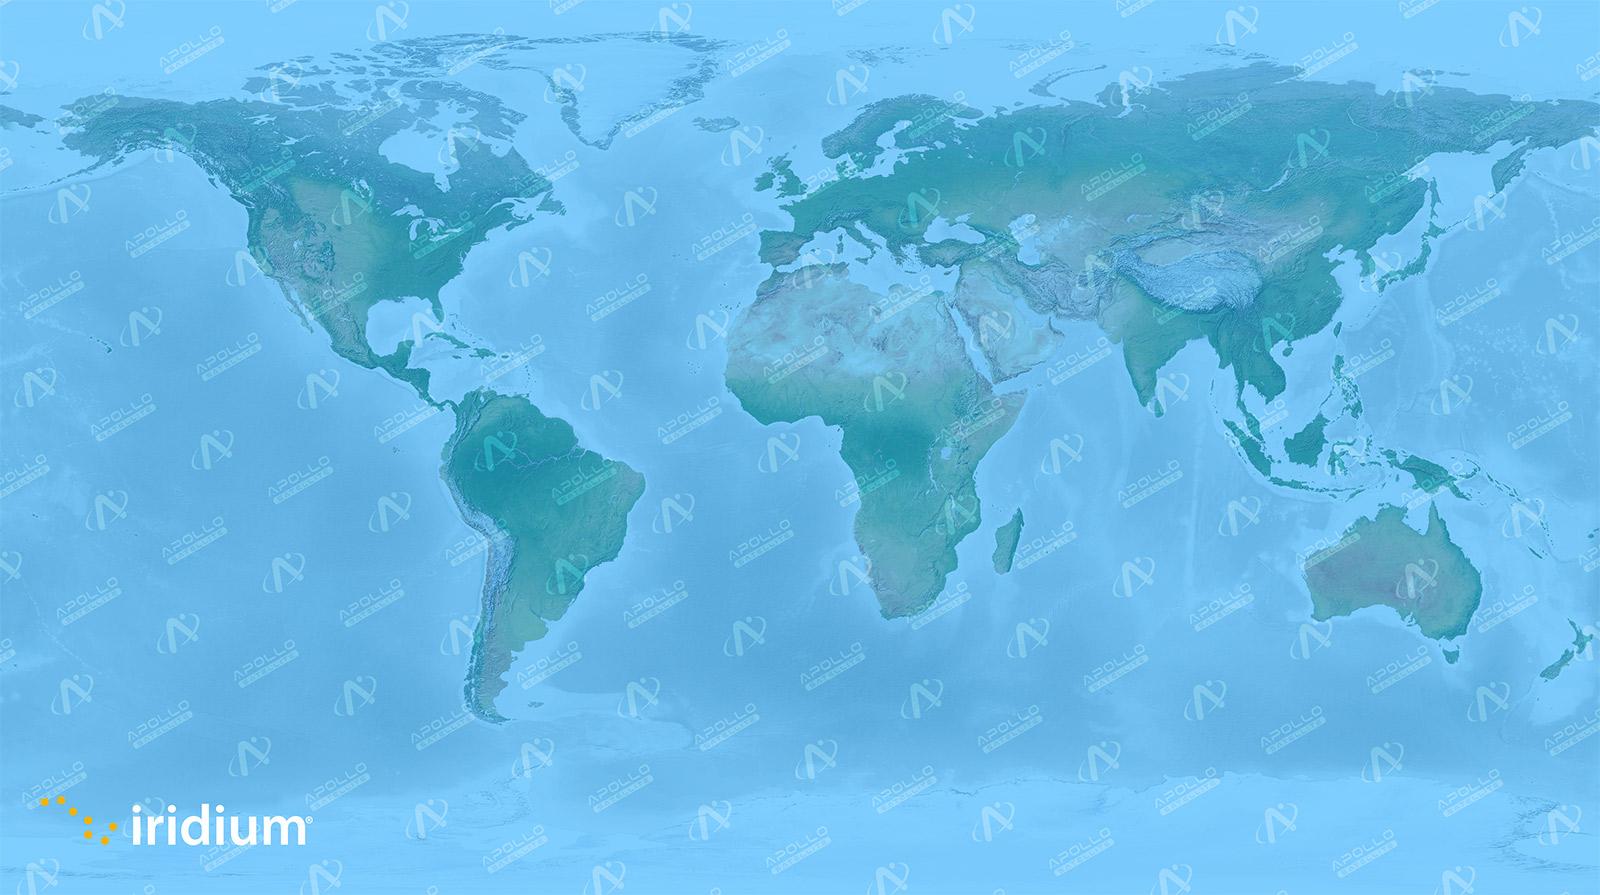 Iridium Satellite Coverage Map - Apollo Satellite